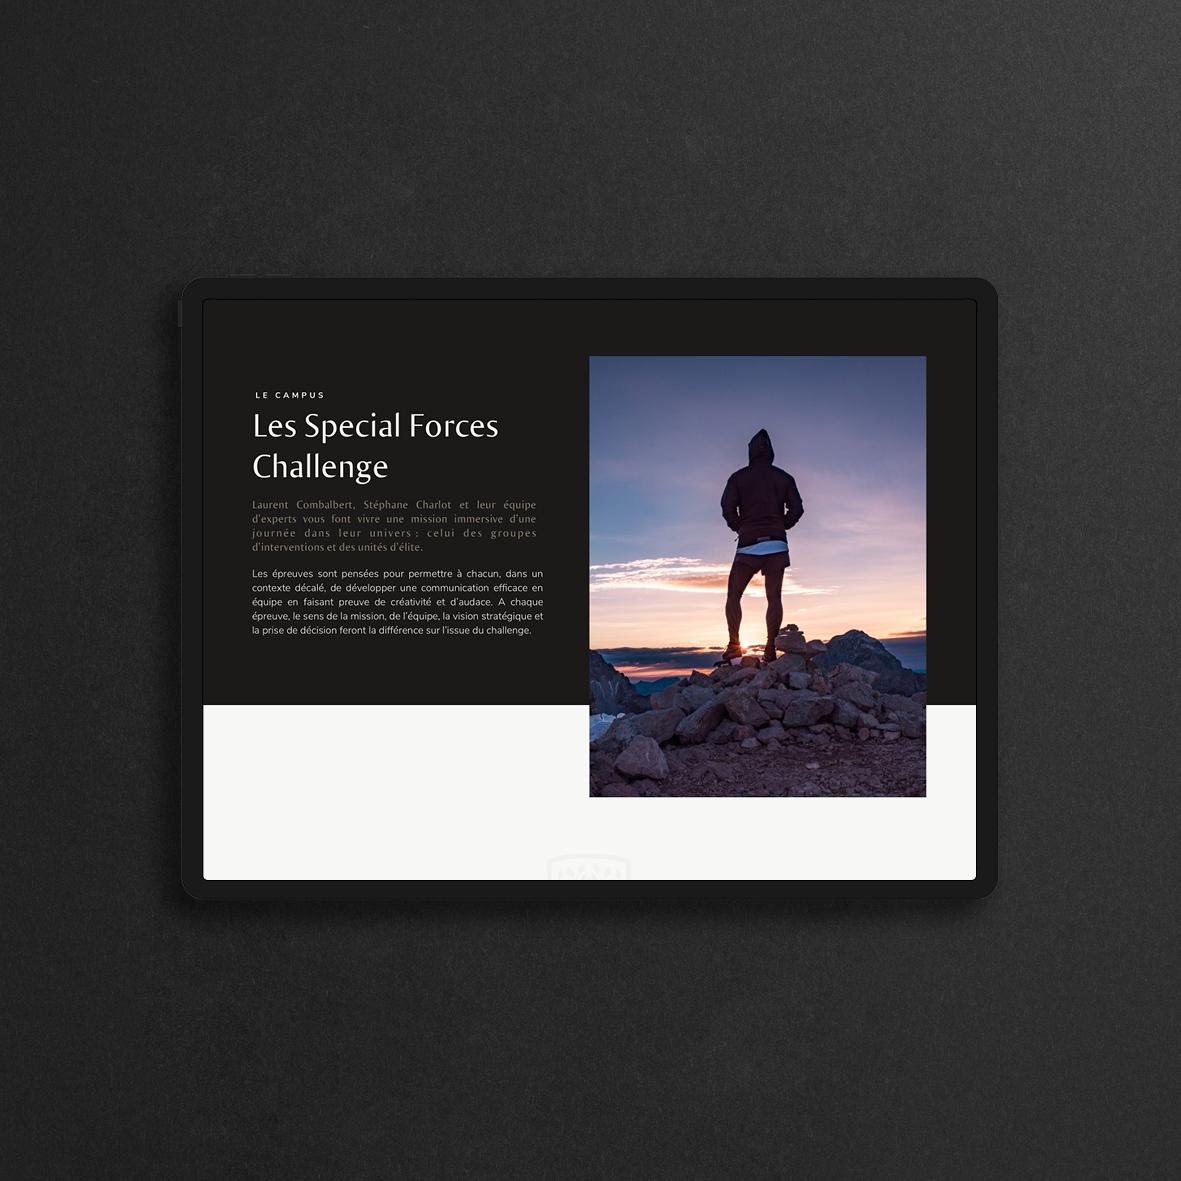 UI et UX du site de The Trusted Agency.